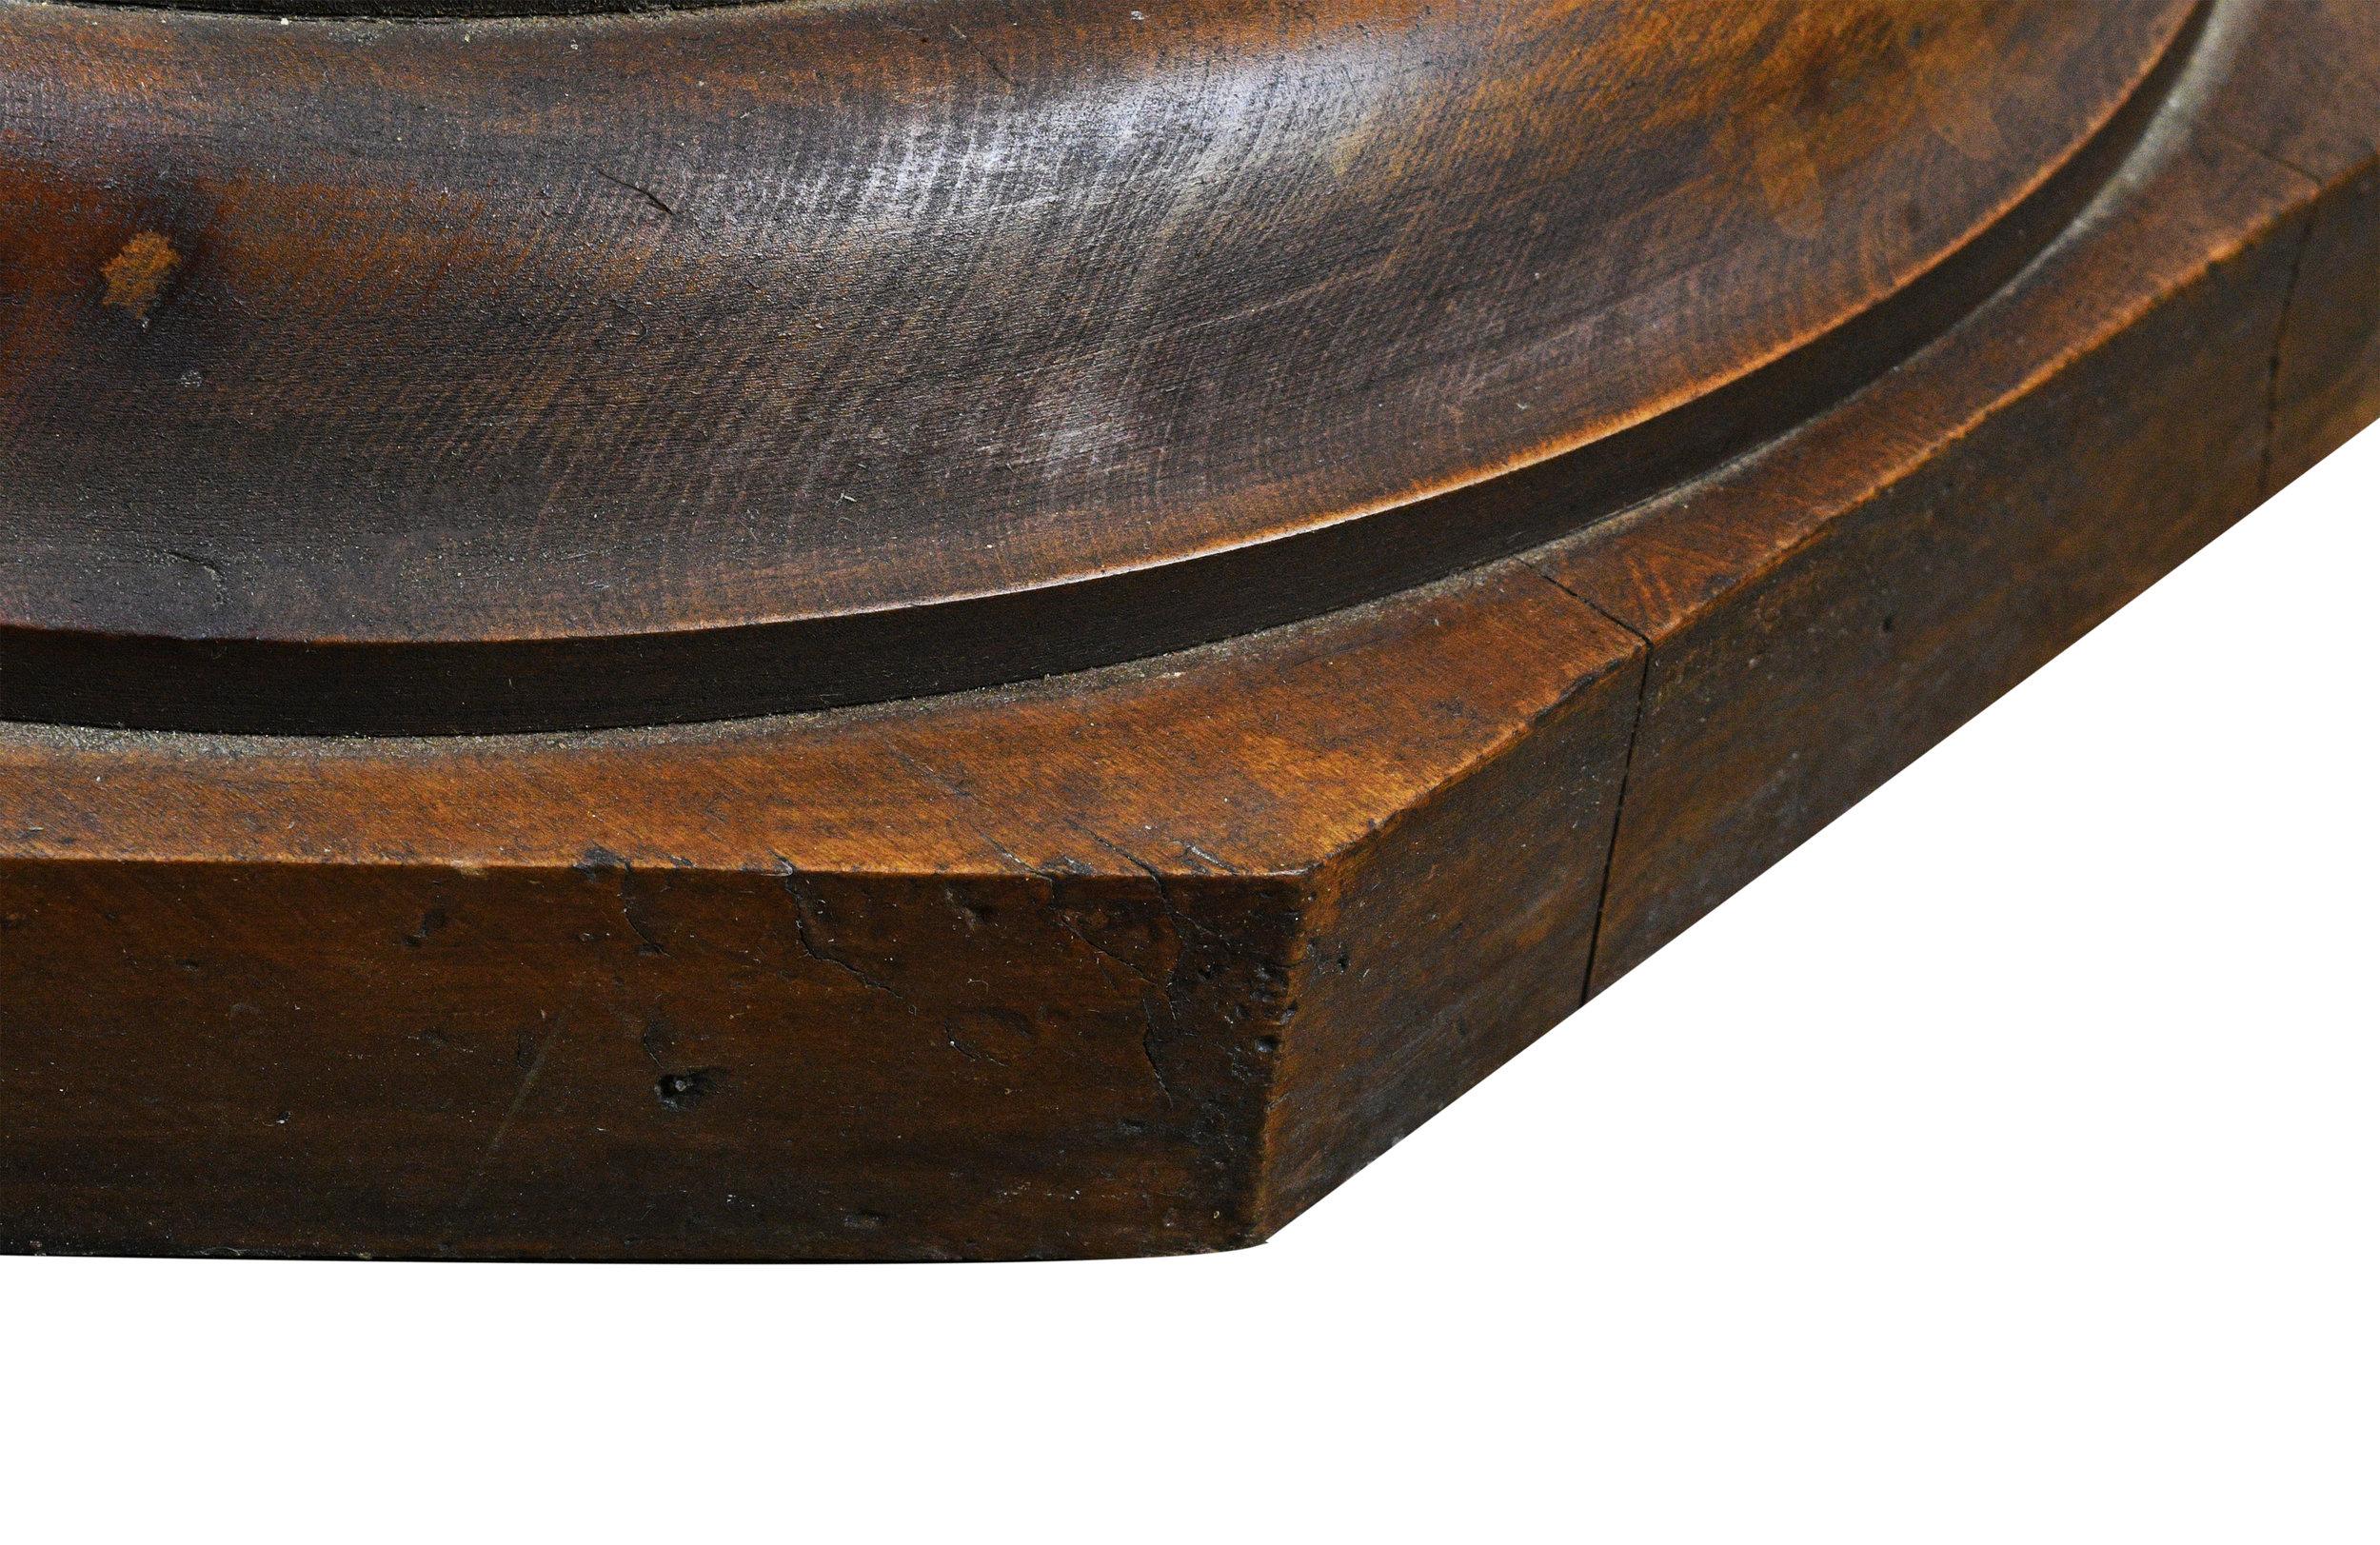 47577-fluted-oak-pedestal-14.jpg